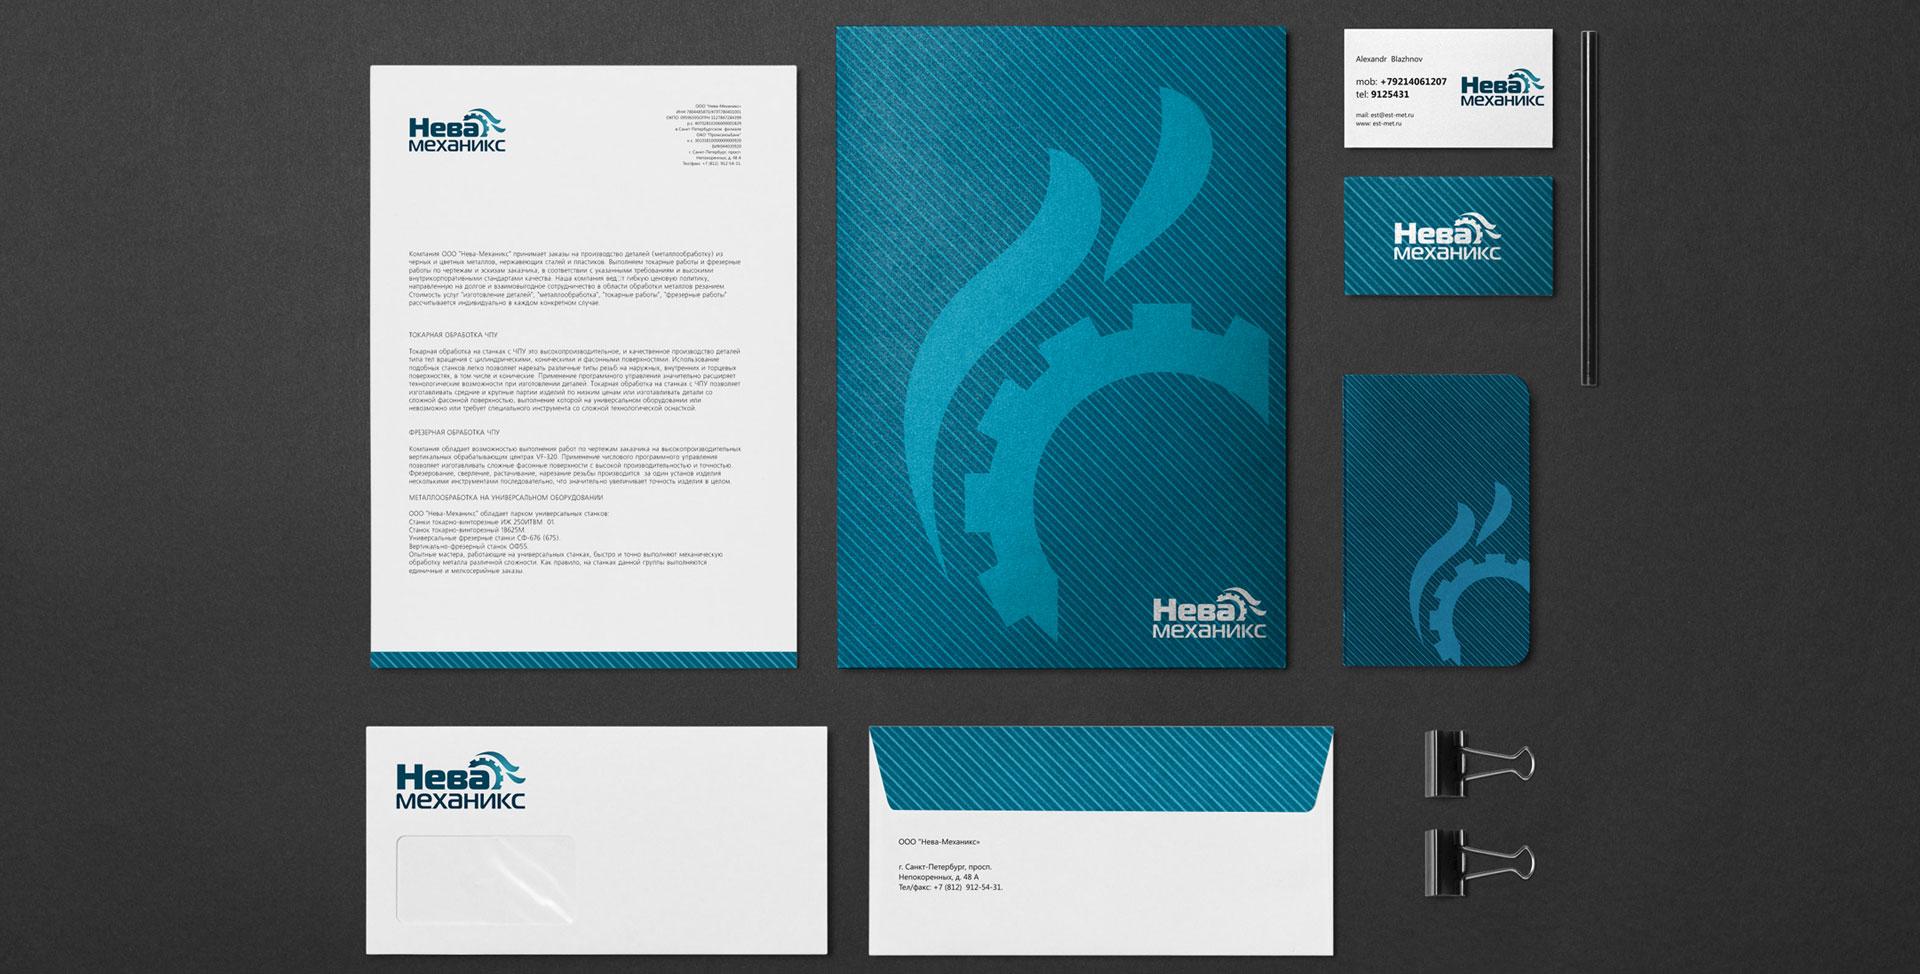 Нева-Механикс-разработка-логотипа-и-фирменного-стиля-металообрабатывающей-компании